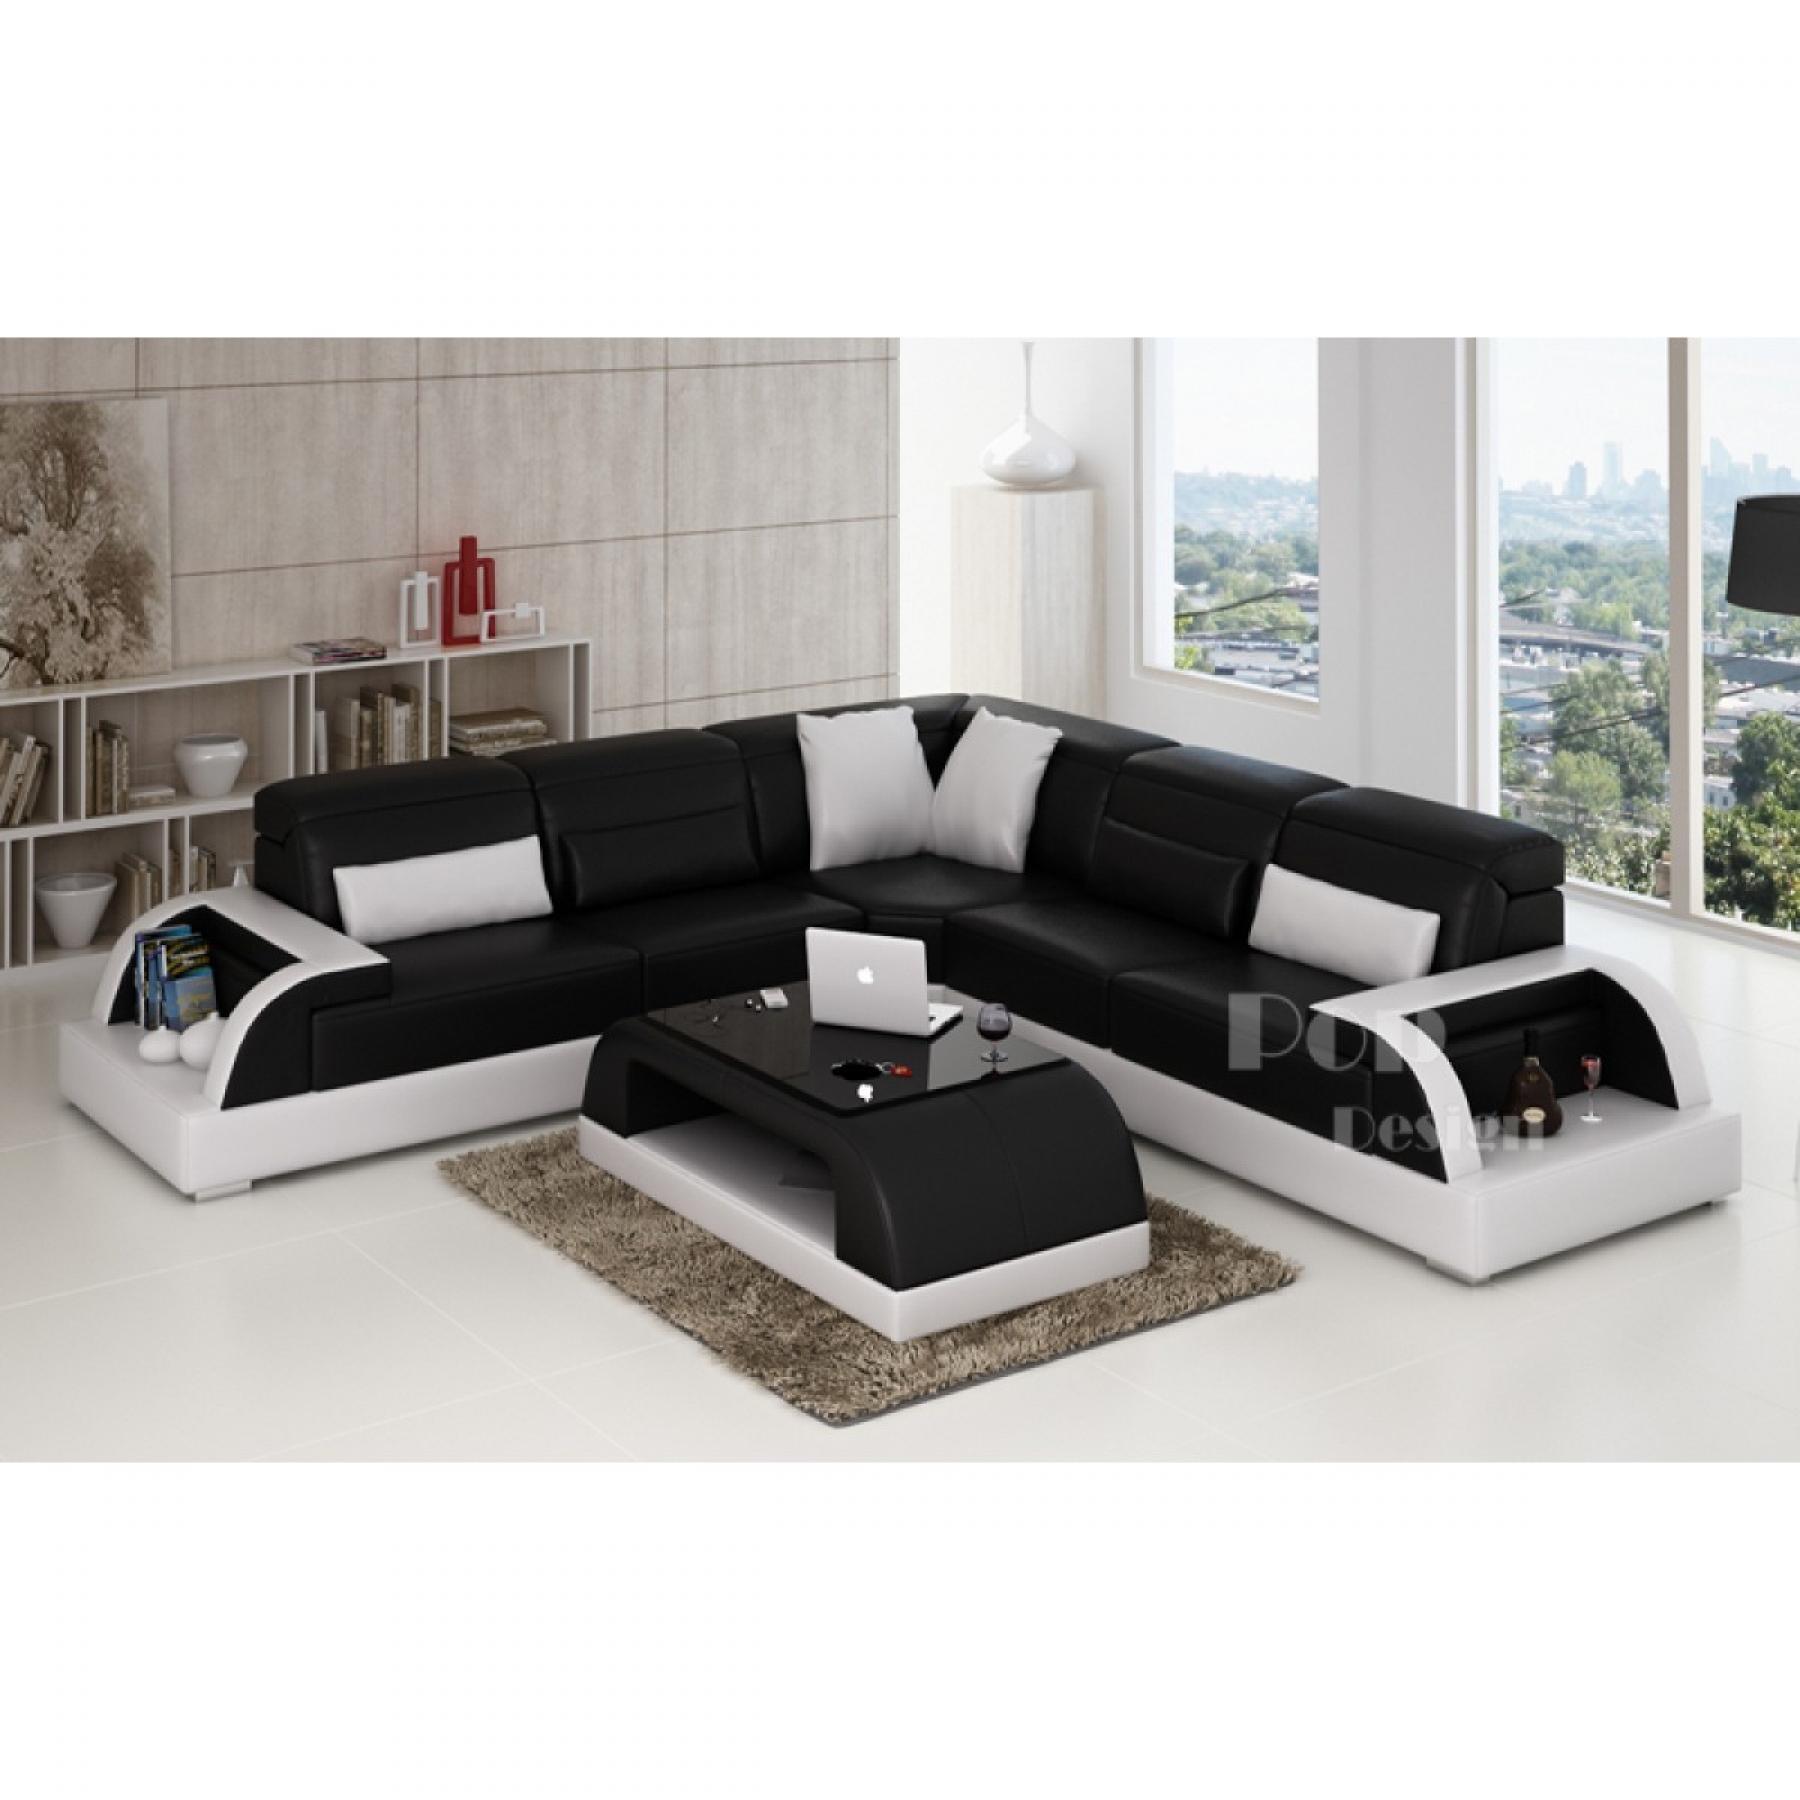 Photos canap d 39 angle cuir blanc et noir for Canape d angle cuir blanc